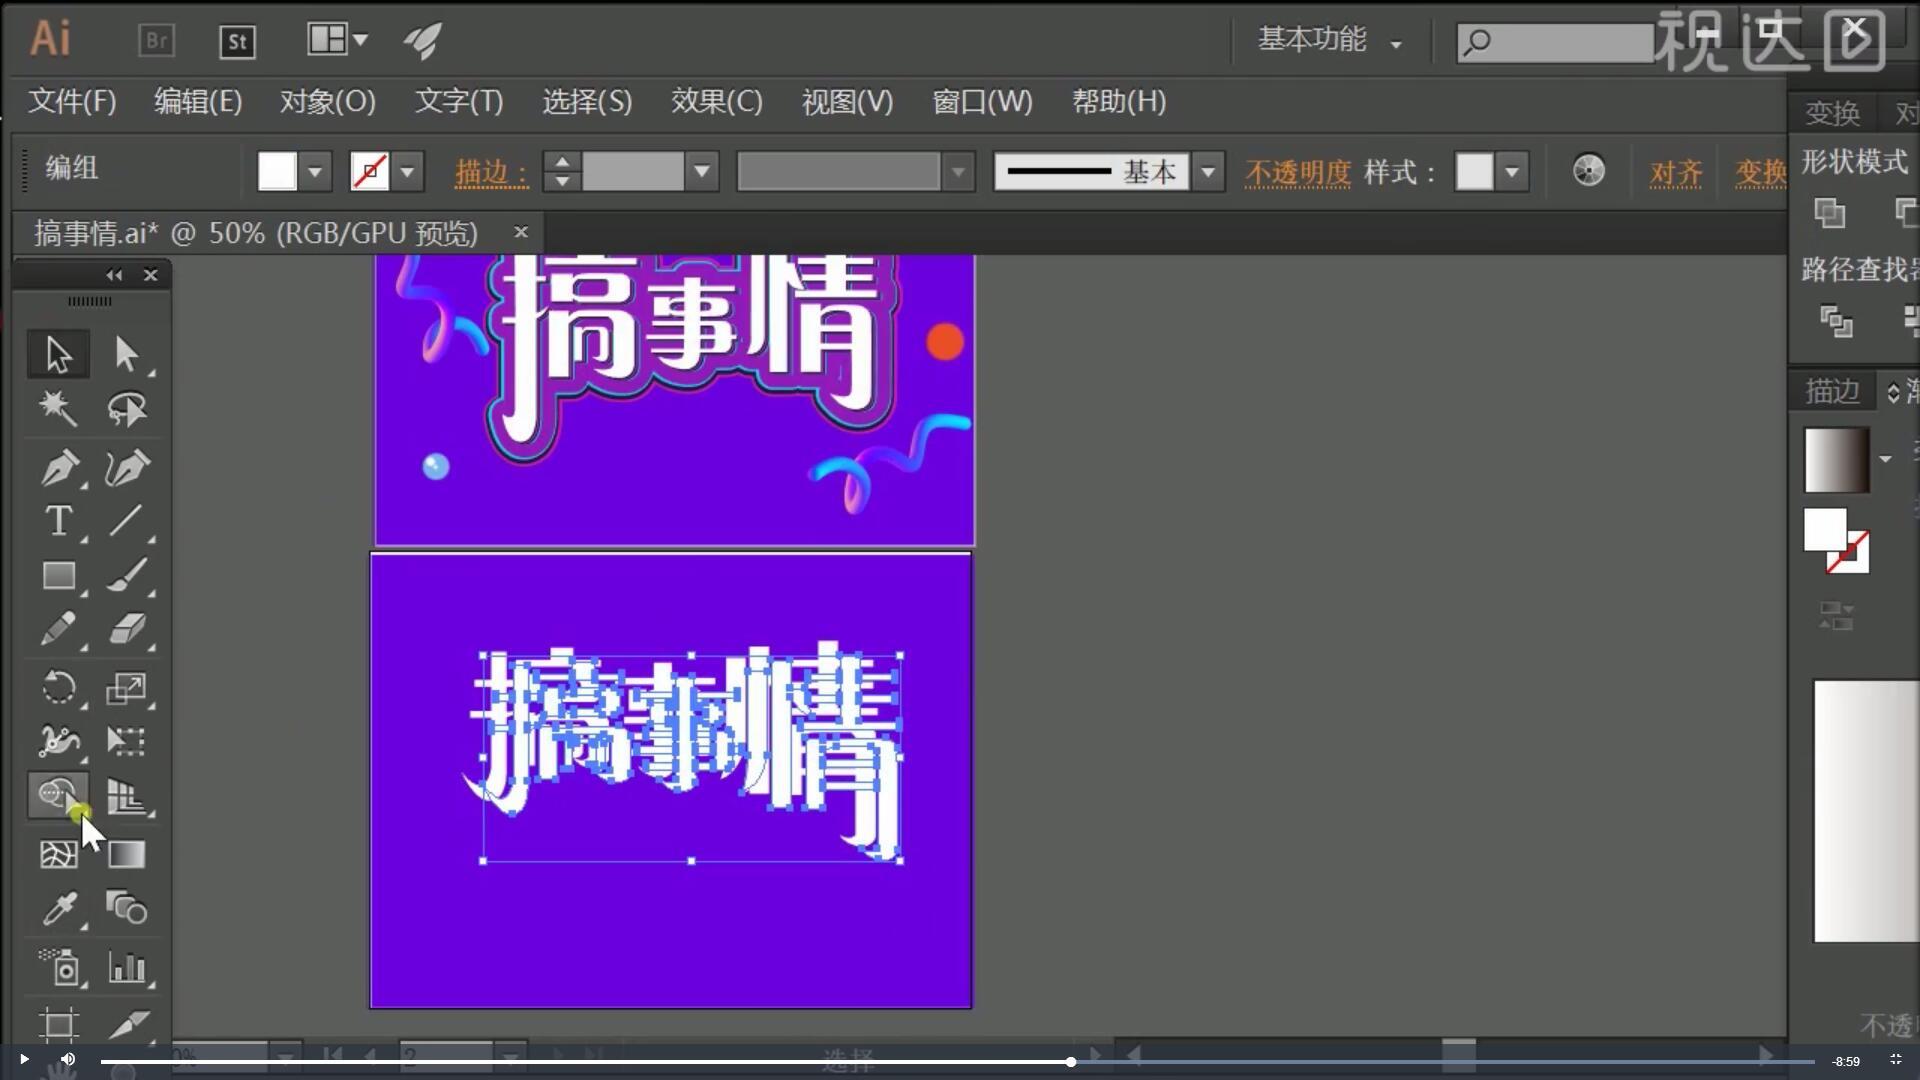 3.把字体复制出来,路经查找器-联集,填充黑色,调整位置;按同样的方法重复复制基层,填充不同颜色,调整位置;最后把这几层Ctl+2锁定.jpg